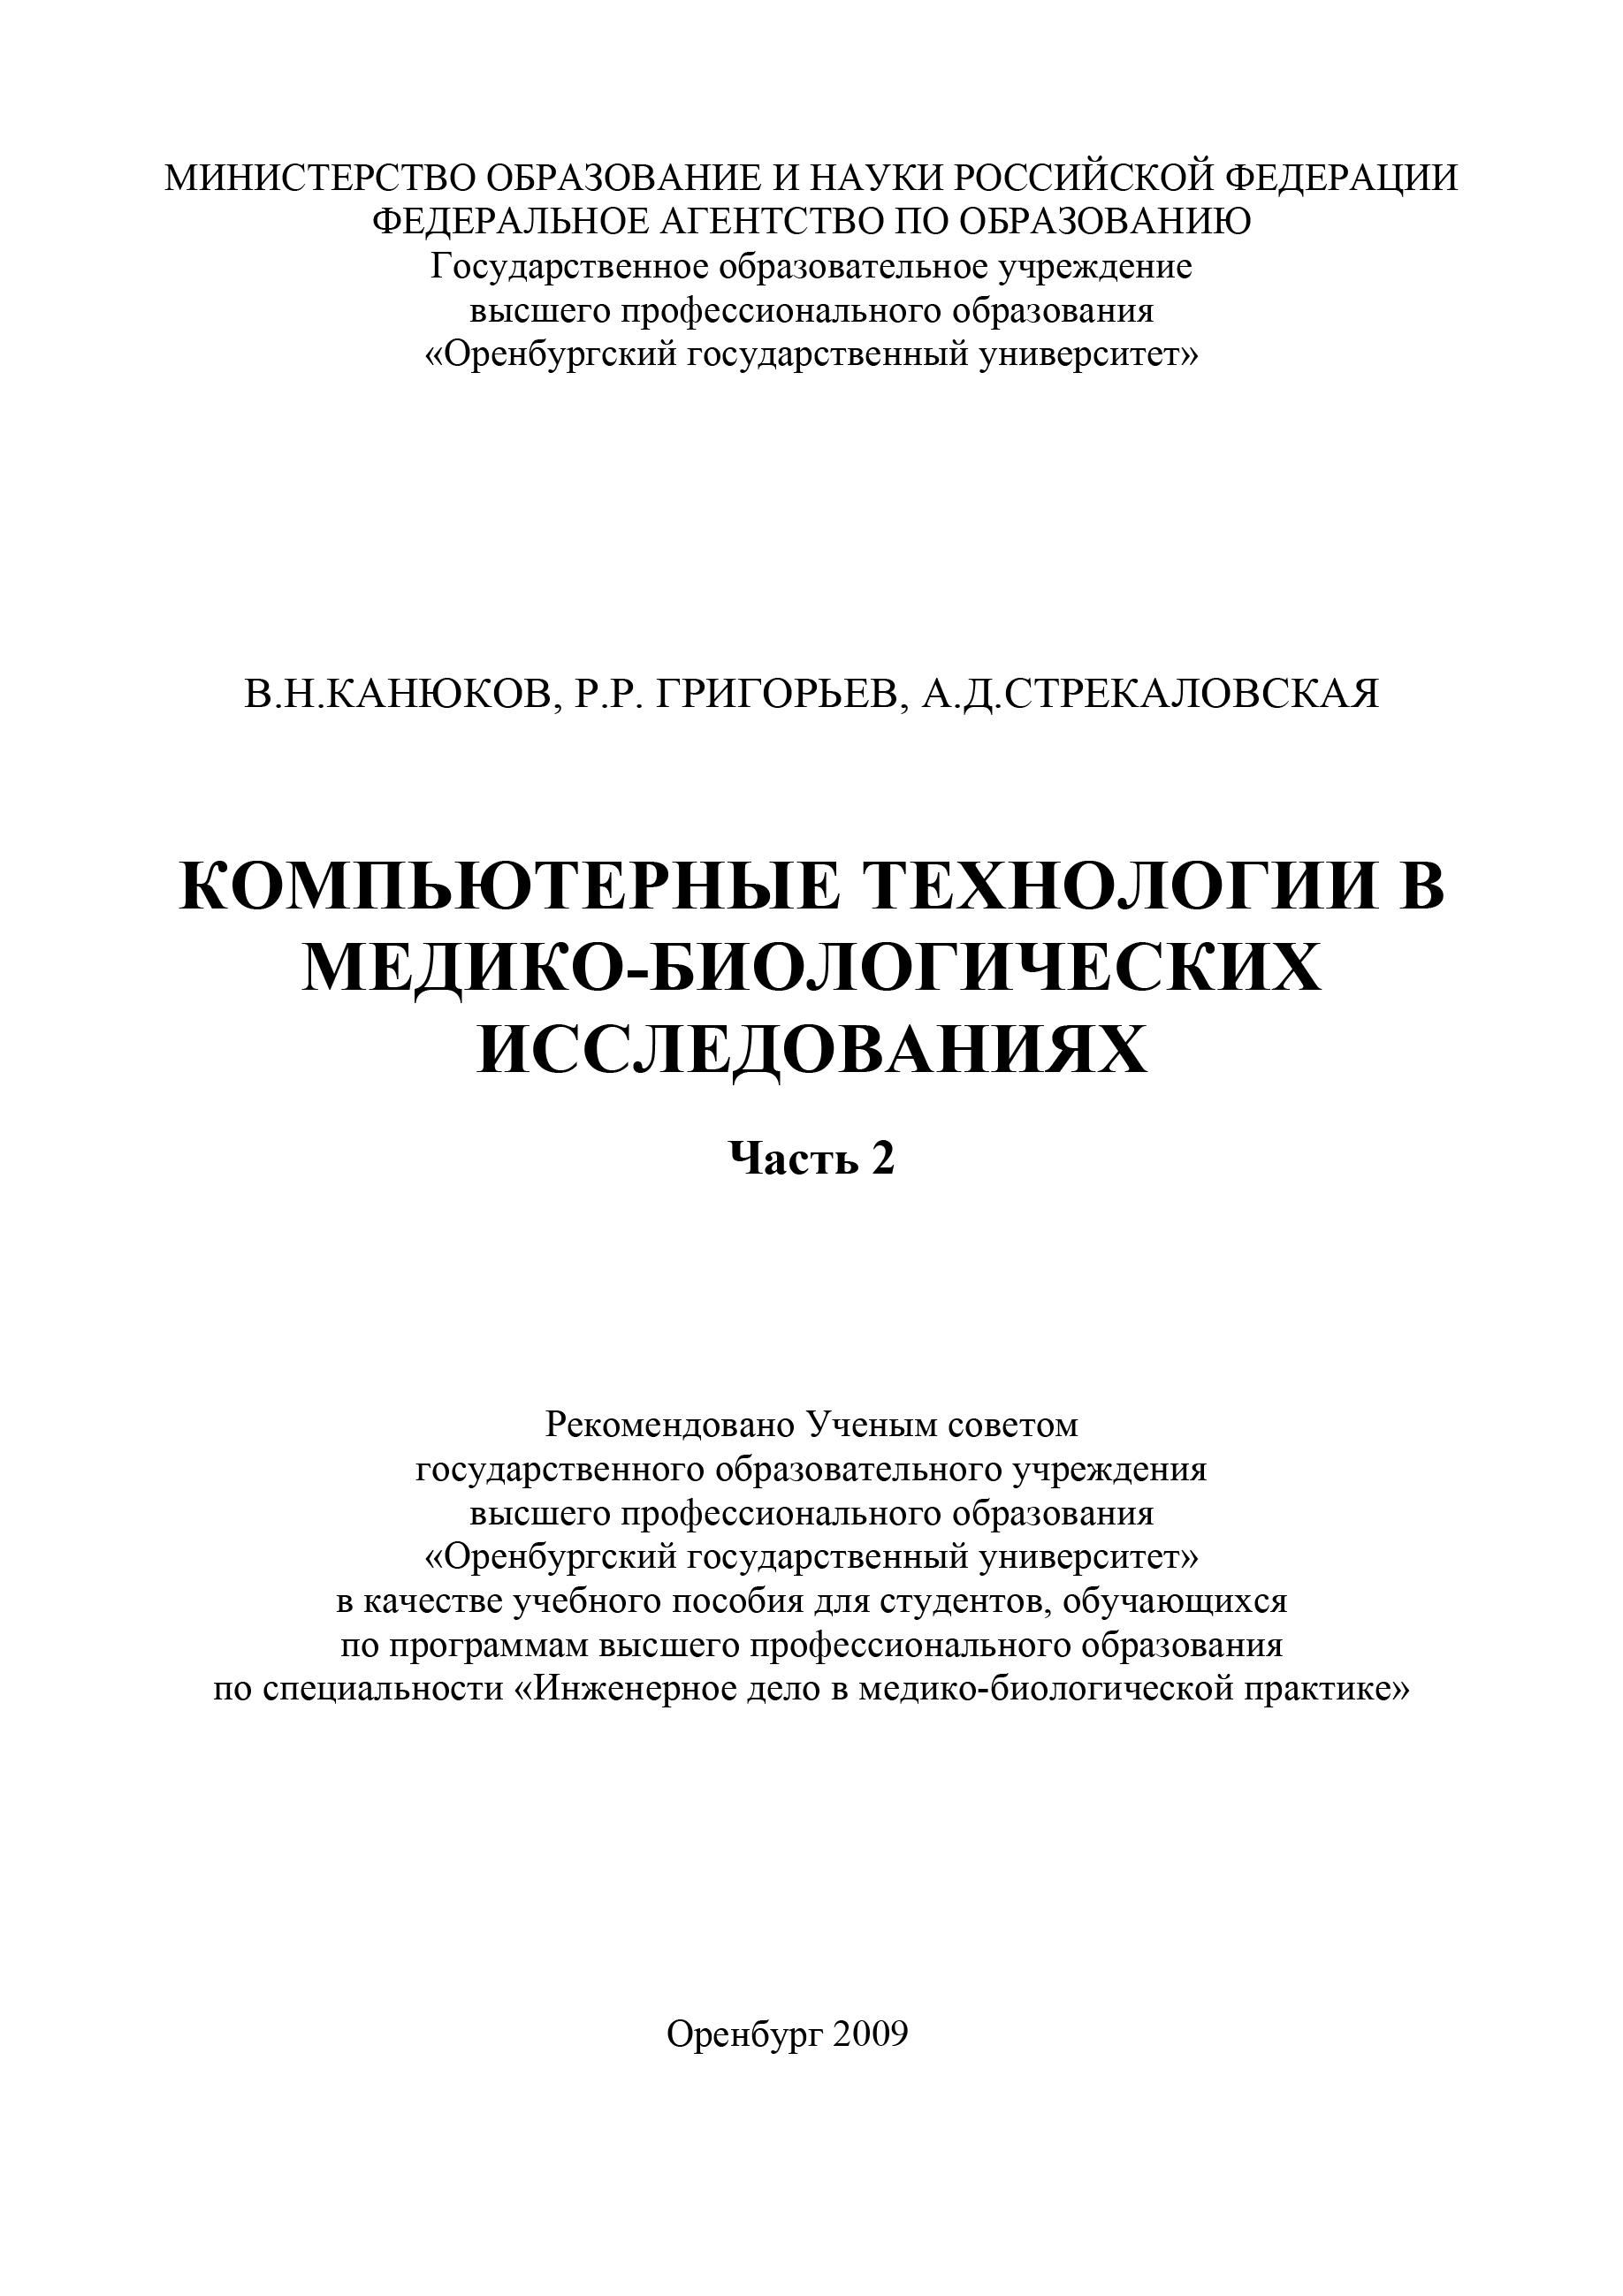 Р. Григорьев Компьютерные технологии в медико-биологических исследованиях. Часть 2 прикладная теория информационного обеспечения медико биологических исследований